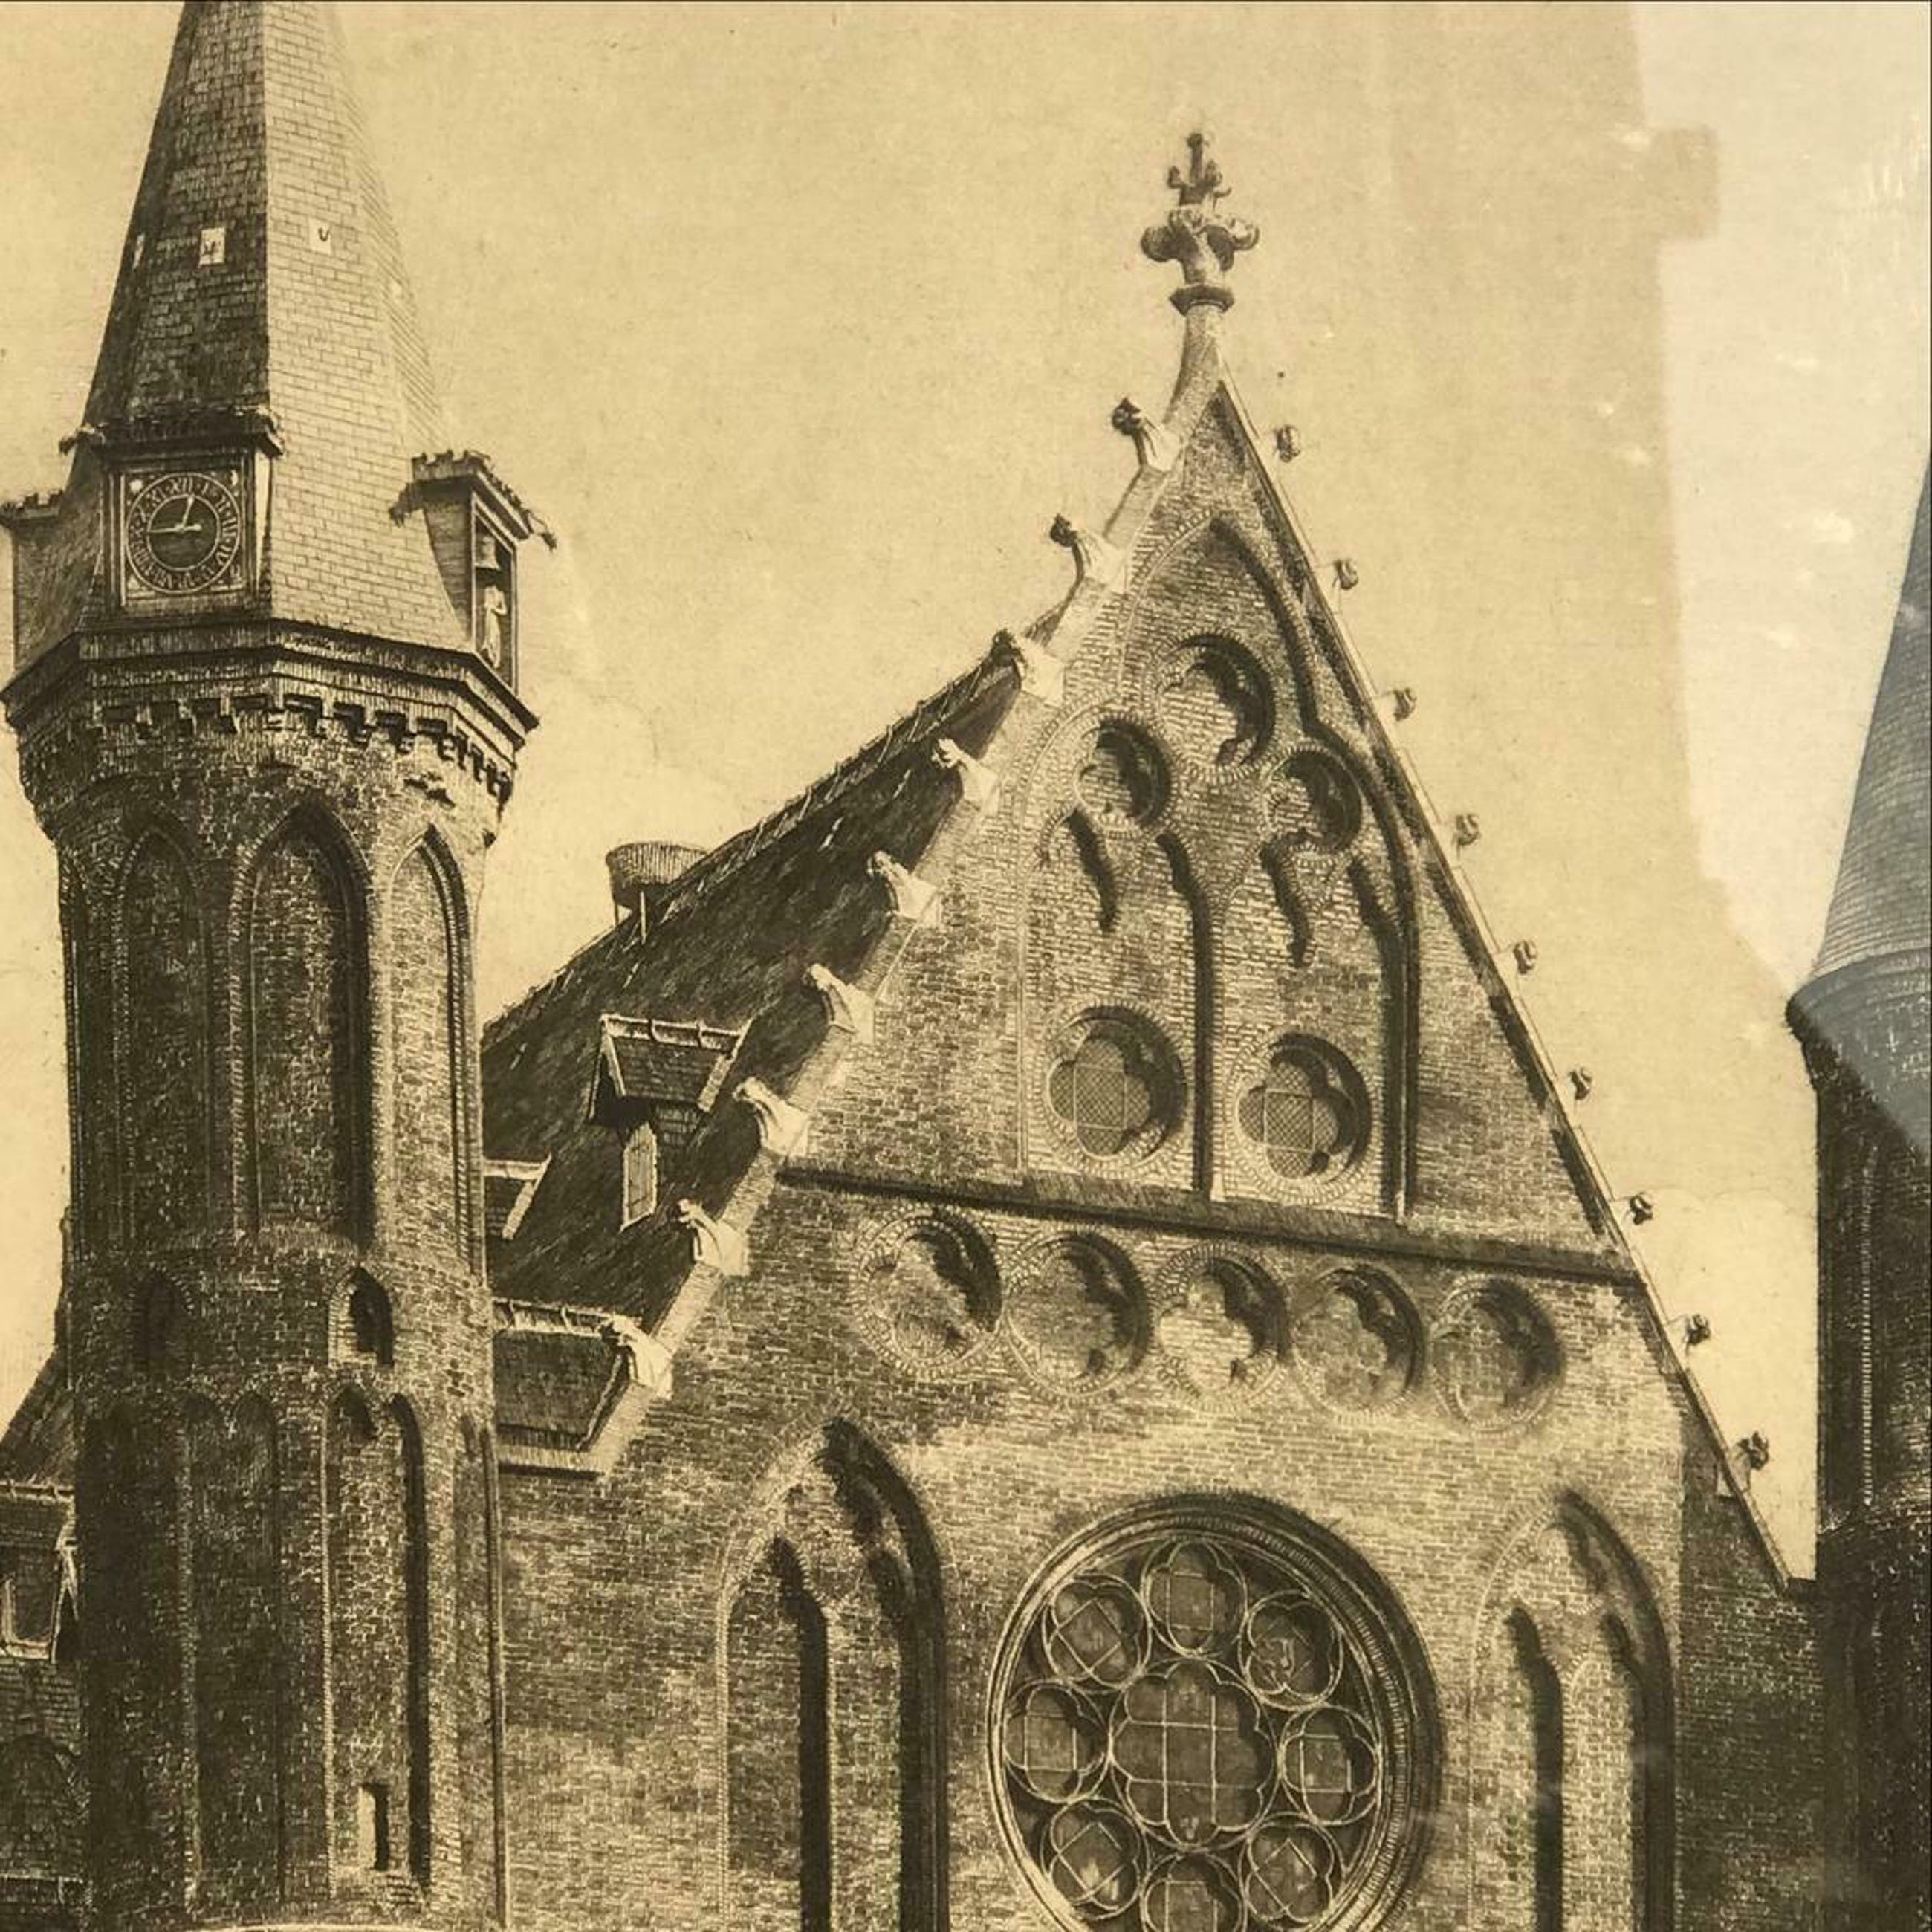 Dirk Harting - Den Haag - Binnenhof Ridderzaal kopen? Bied vanaf 105!